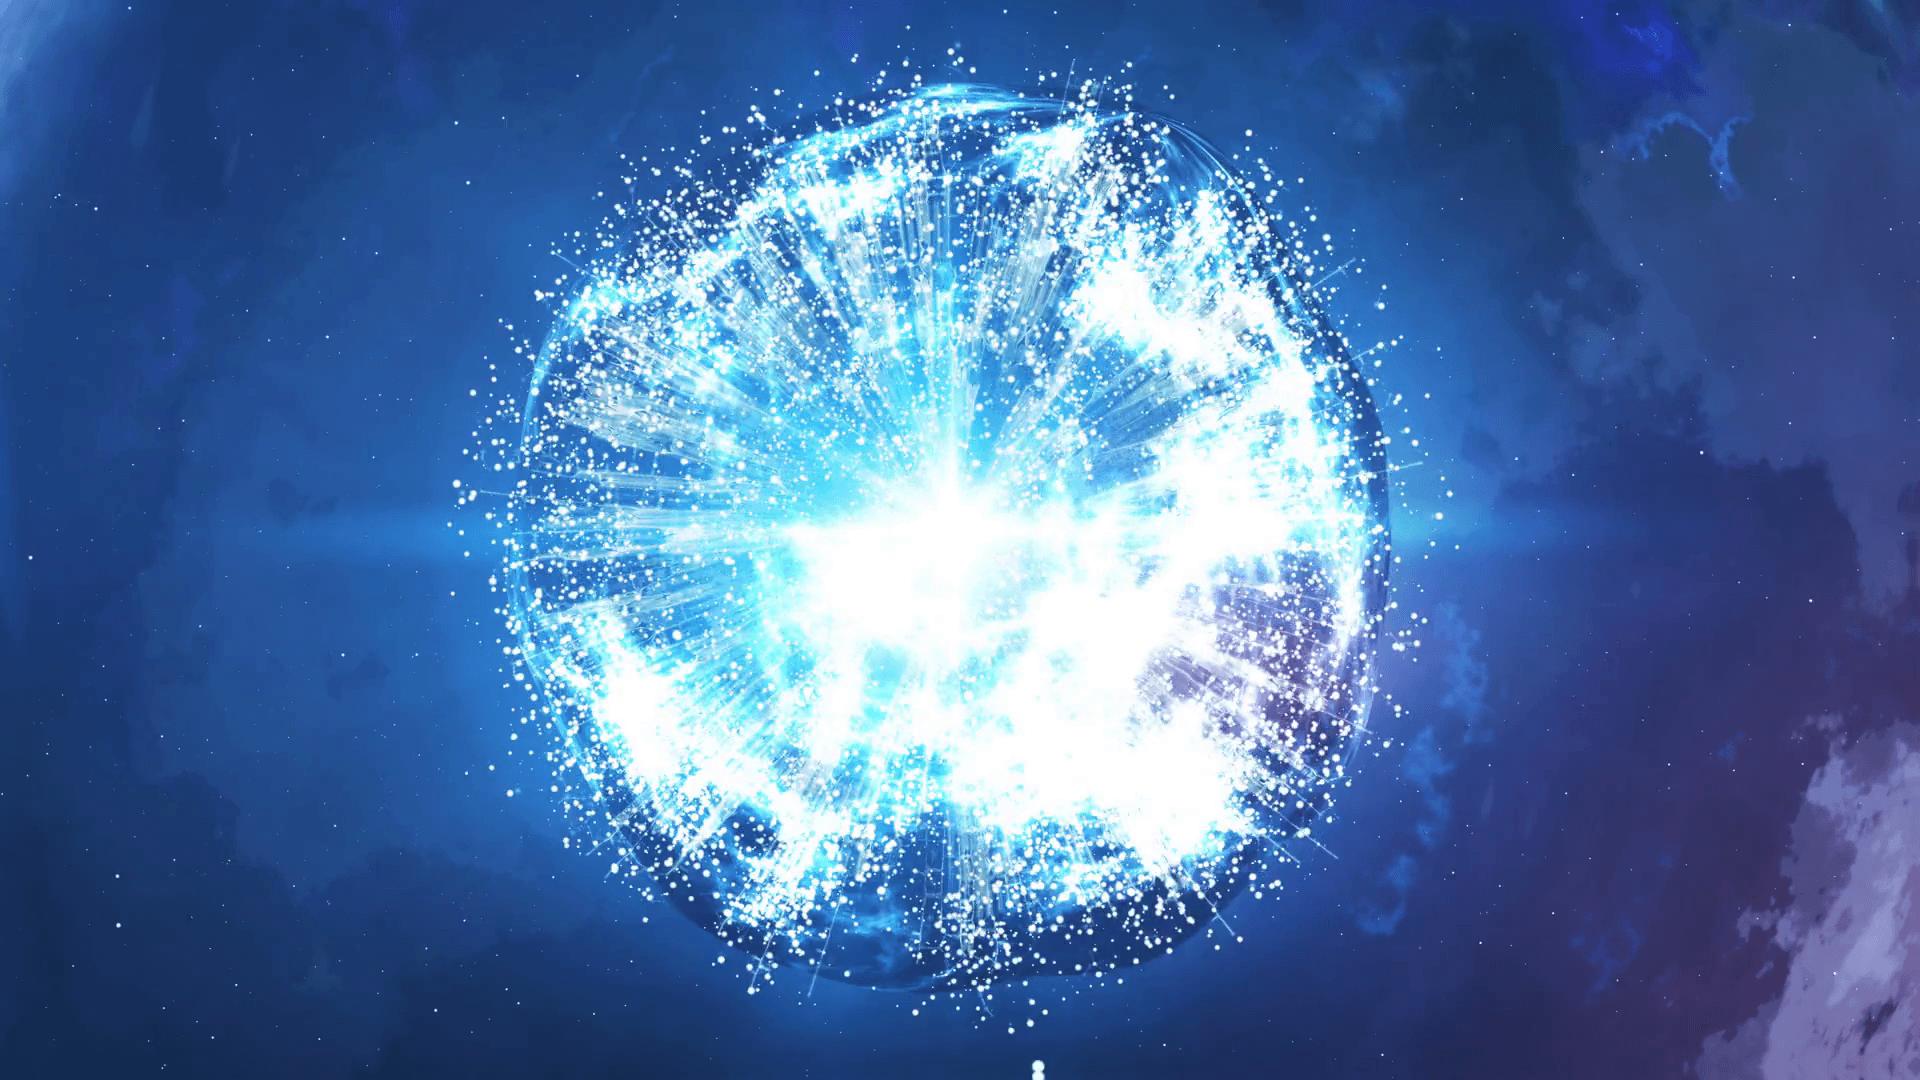 Big Bang Explosion Wallpapers Top Free Big Bang